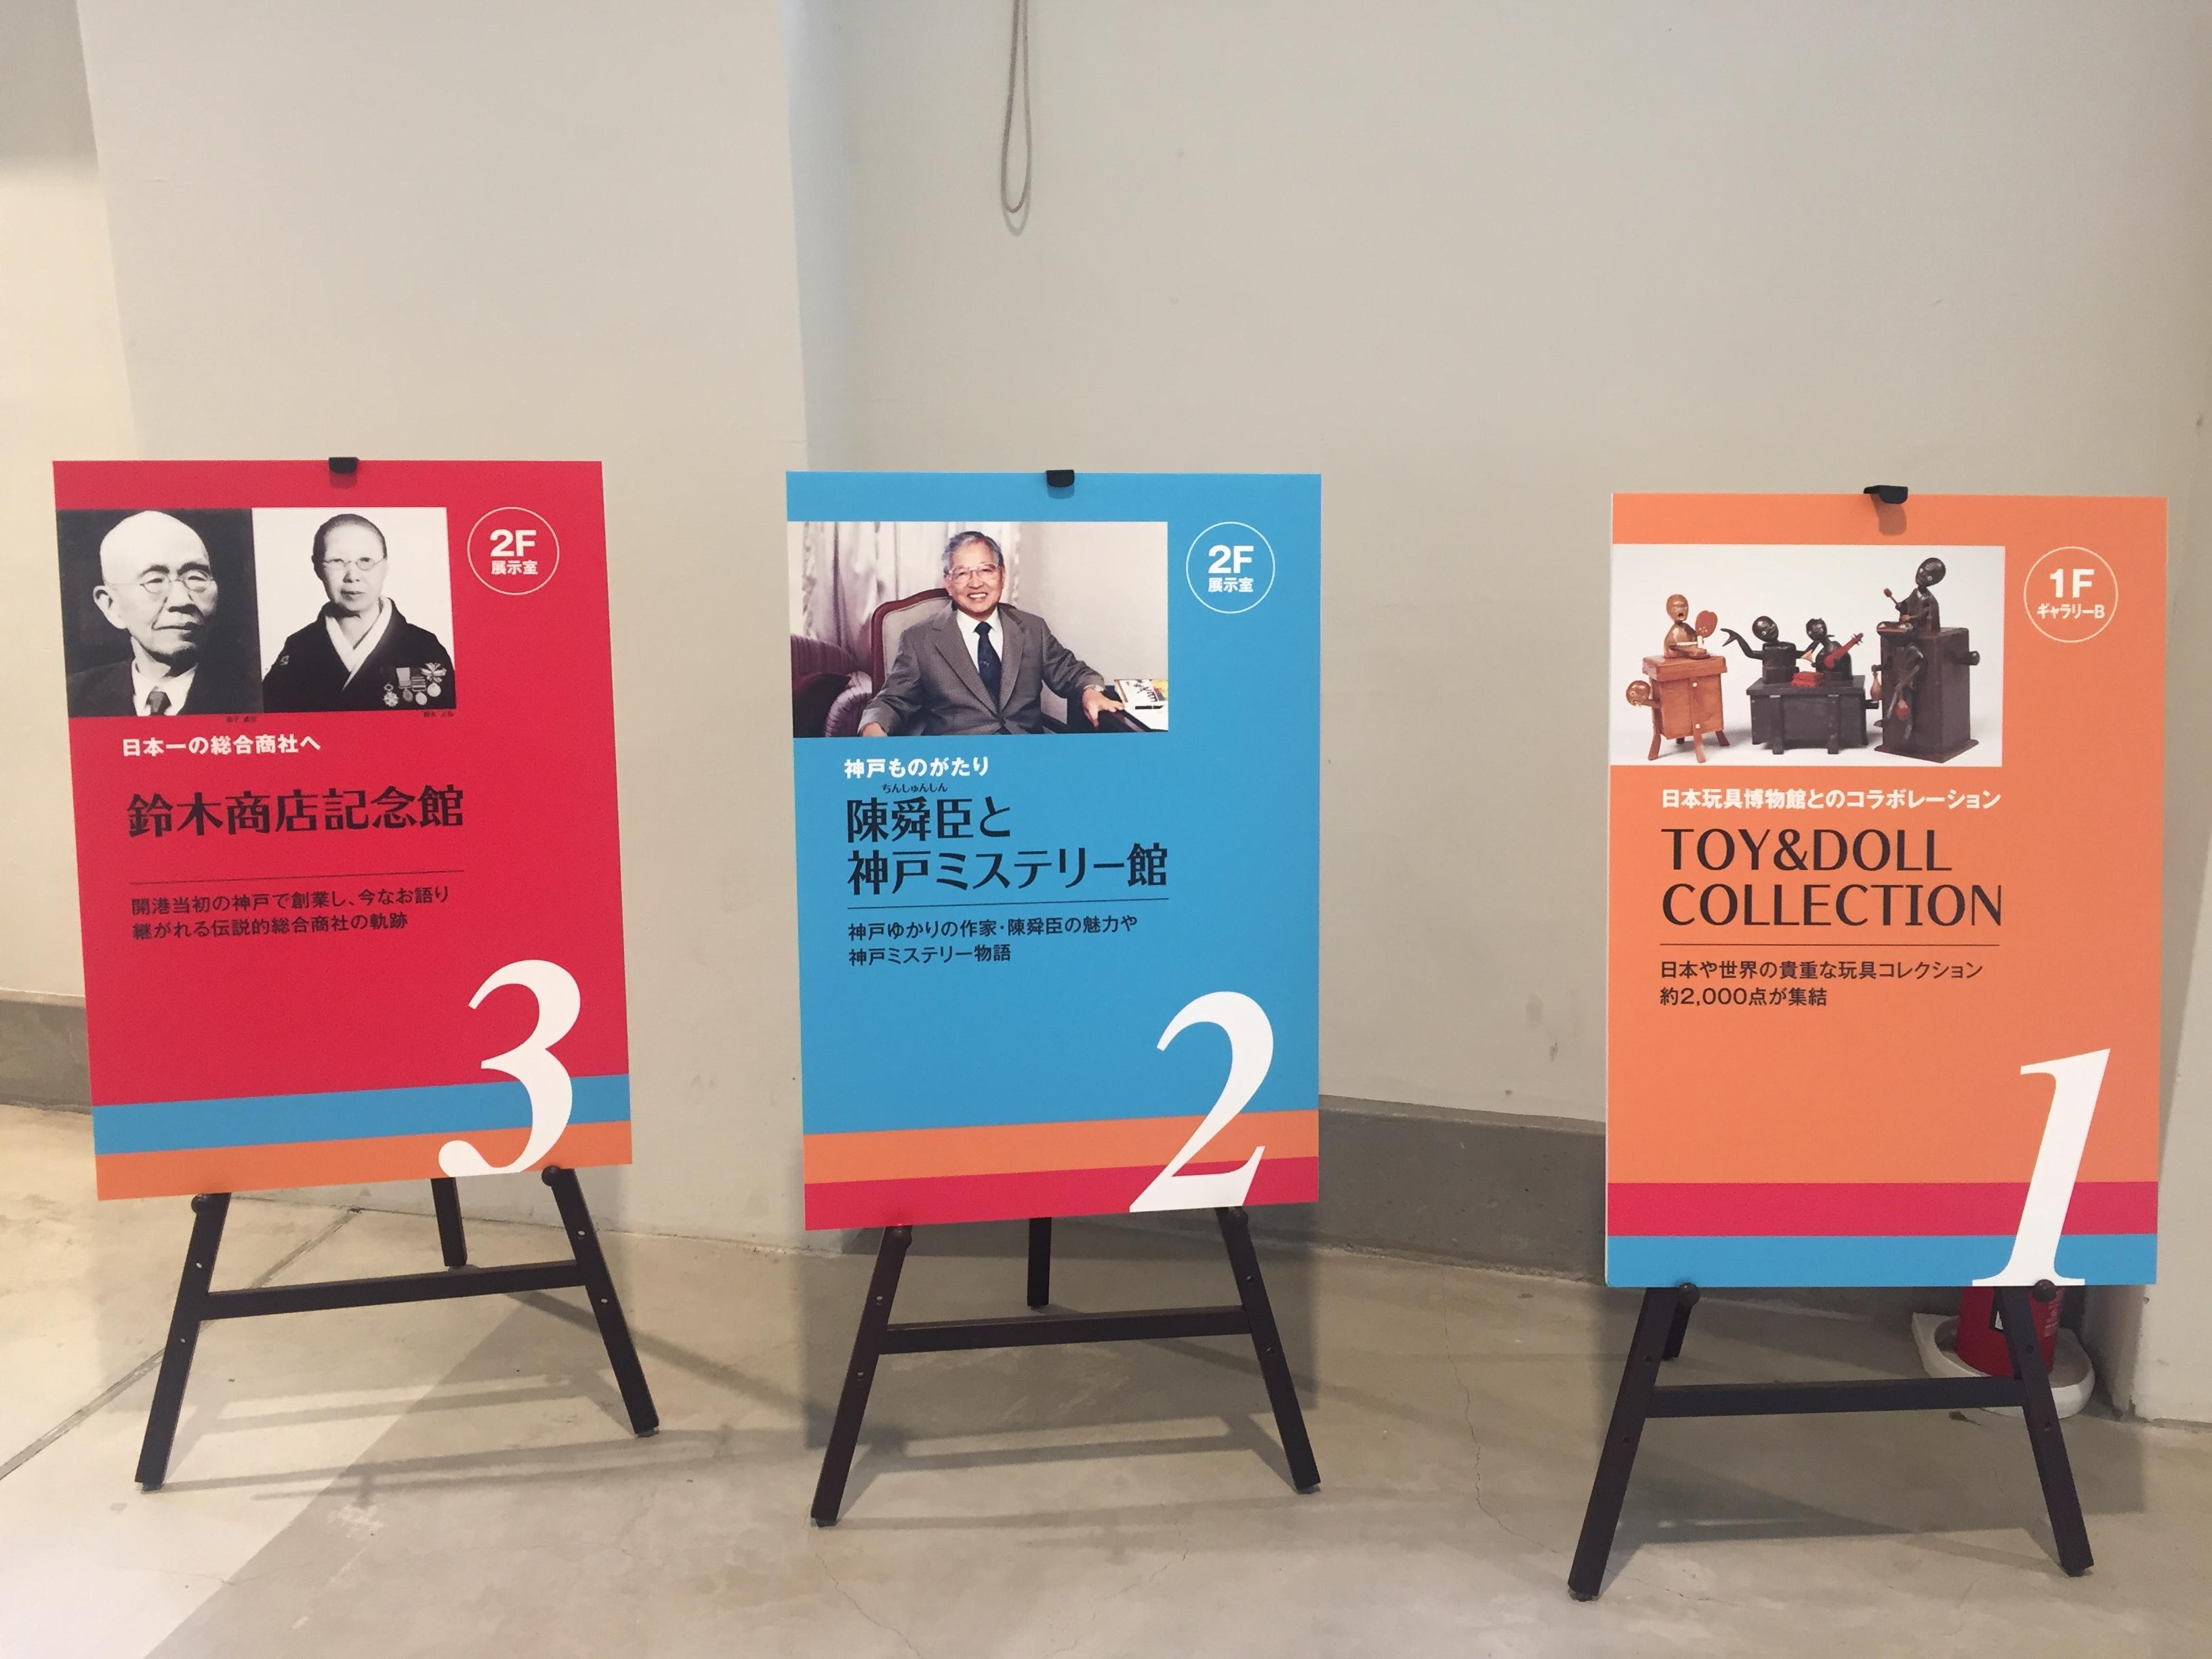 期間限定!デザイン・クリエイティブセンター神戸(KIITO)で11/17~12/17「神戸 みなと 時空」展が無料開放されるよ! #KIITO